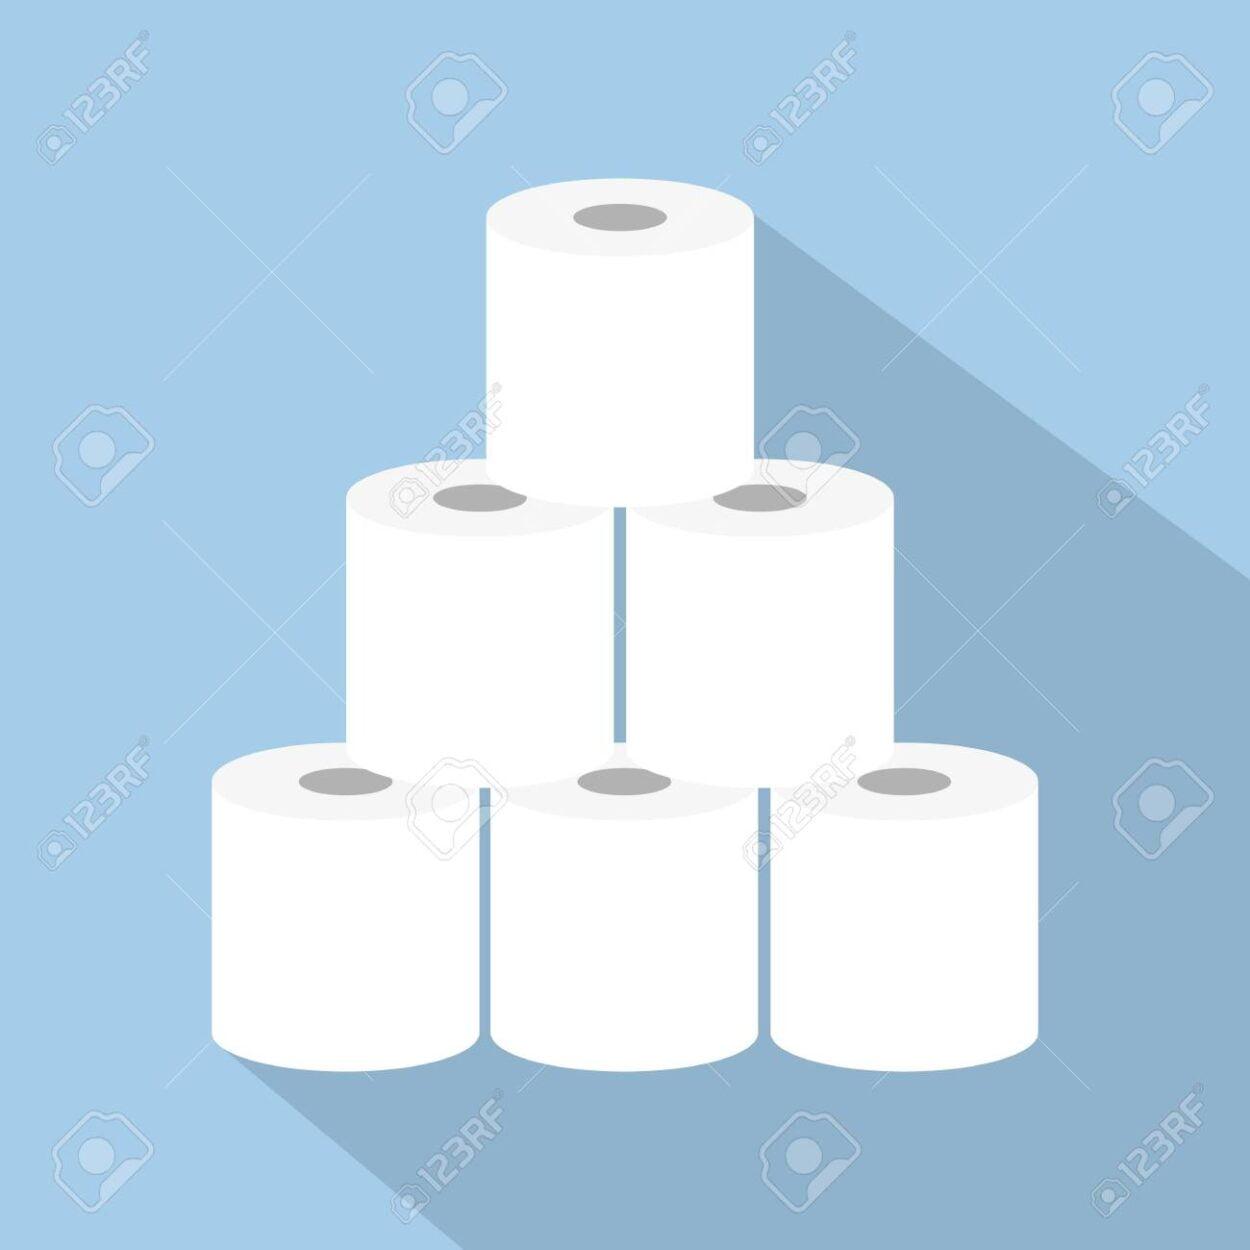 Does Bleach Dissolve Toilet Paper?